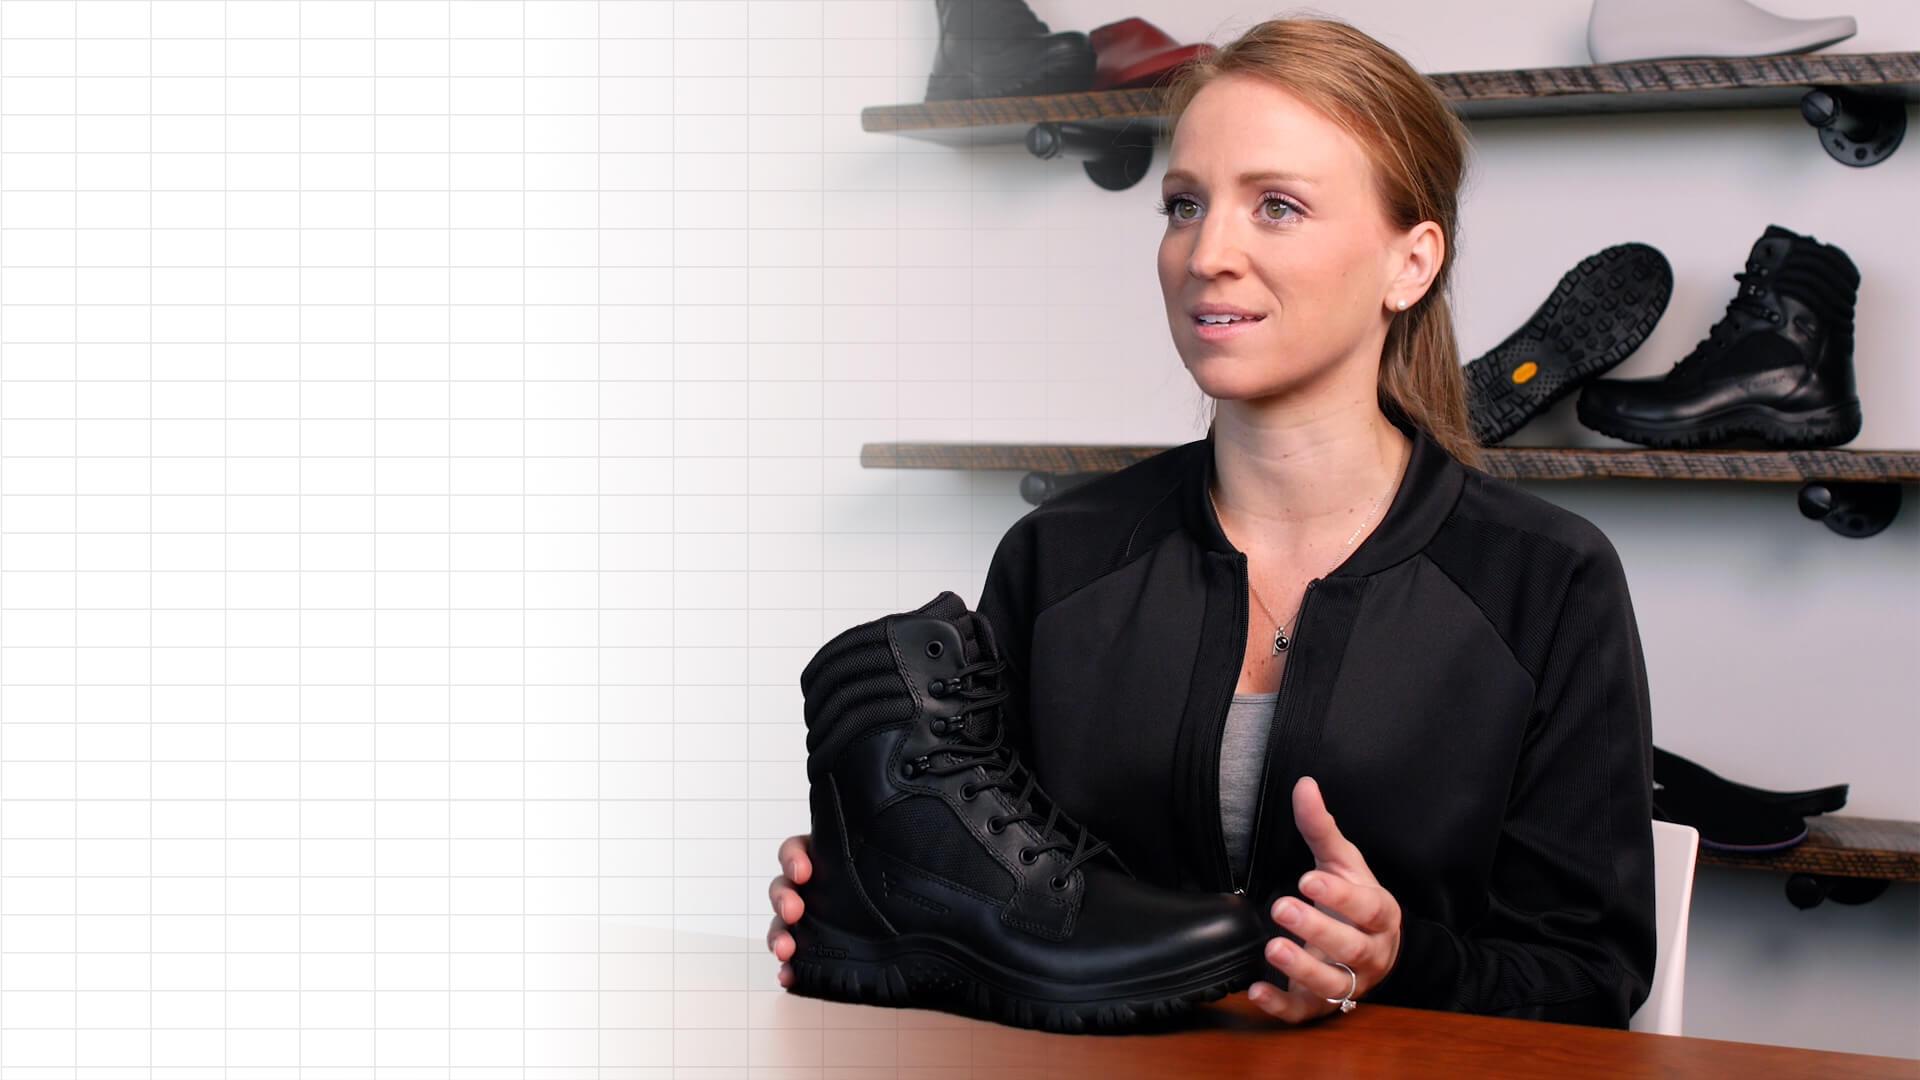 Kristen Wiertzema holding a boot on a counter.